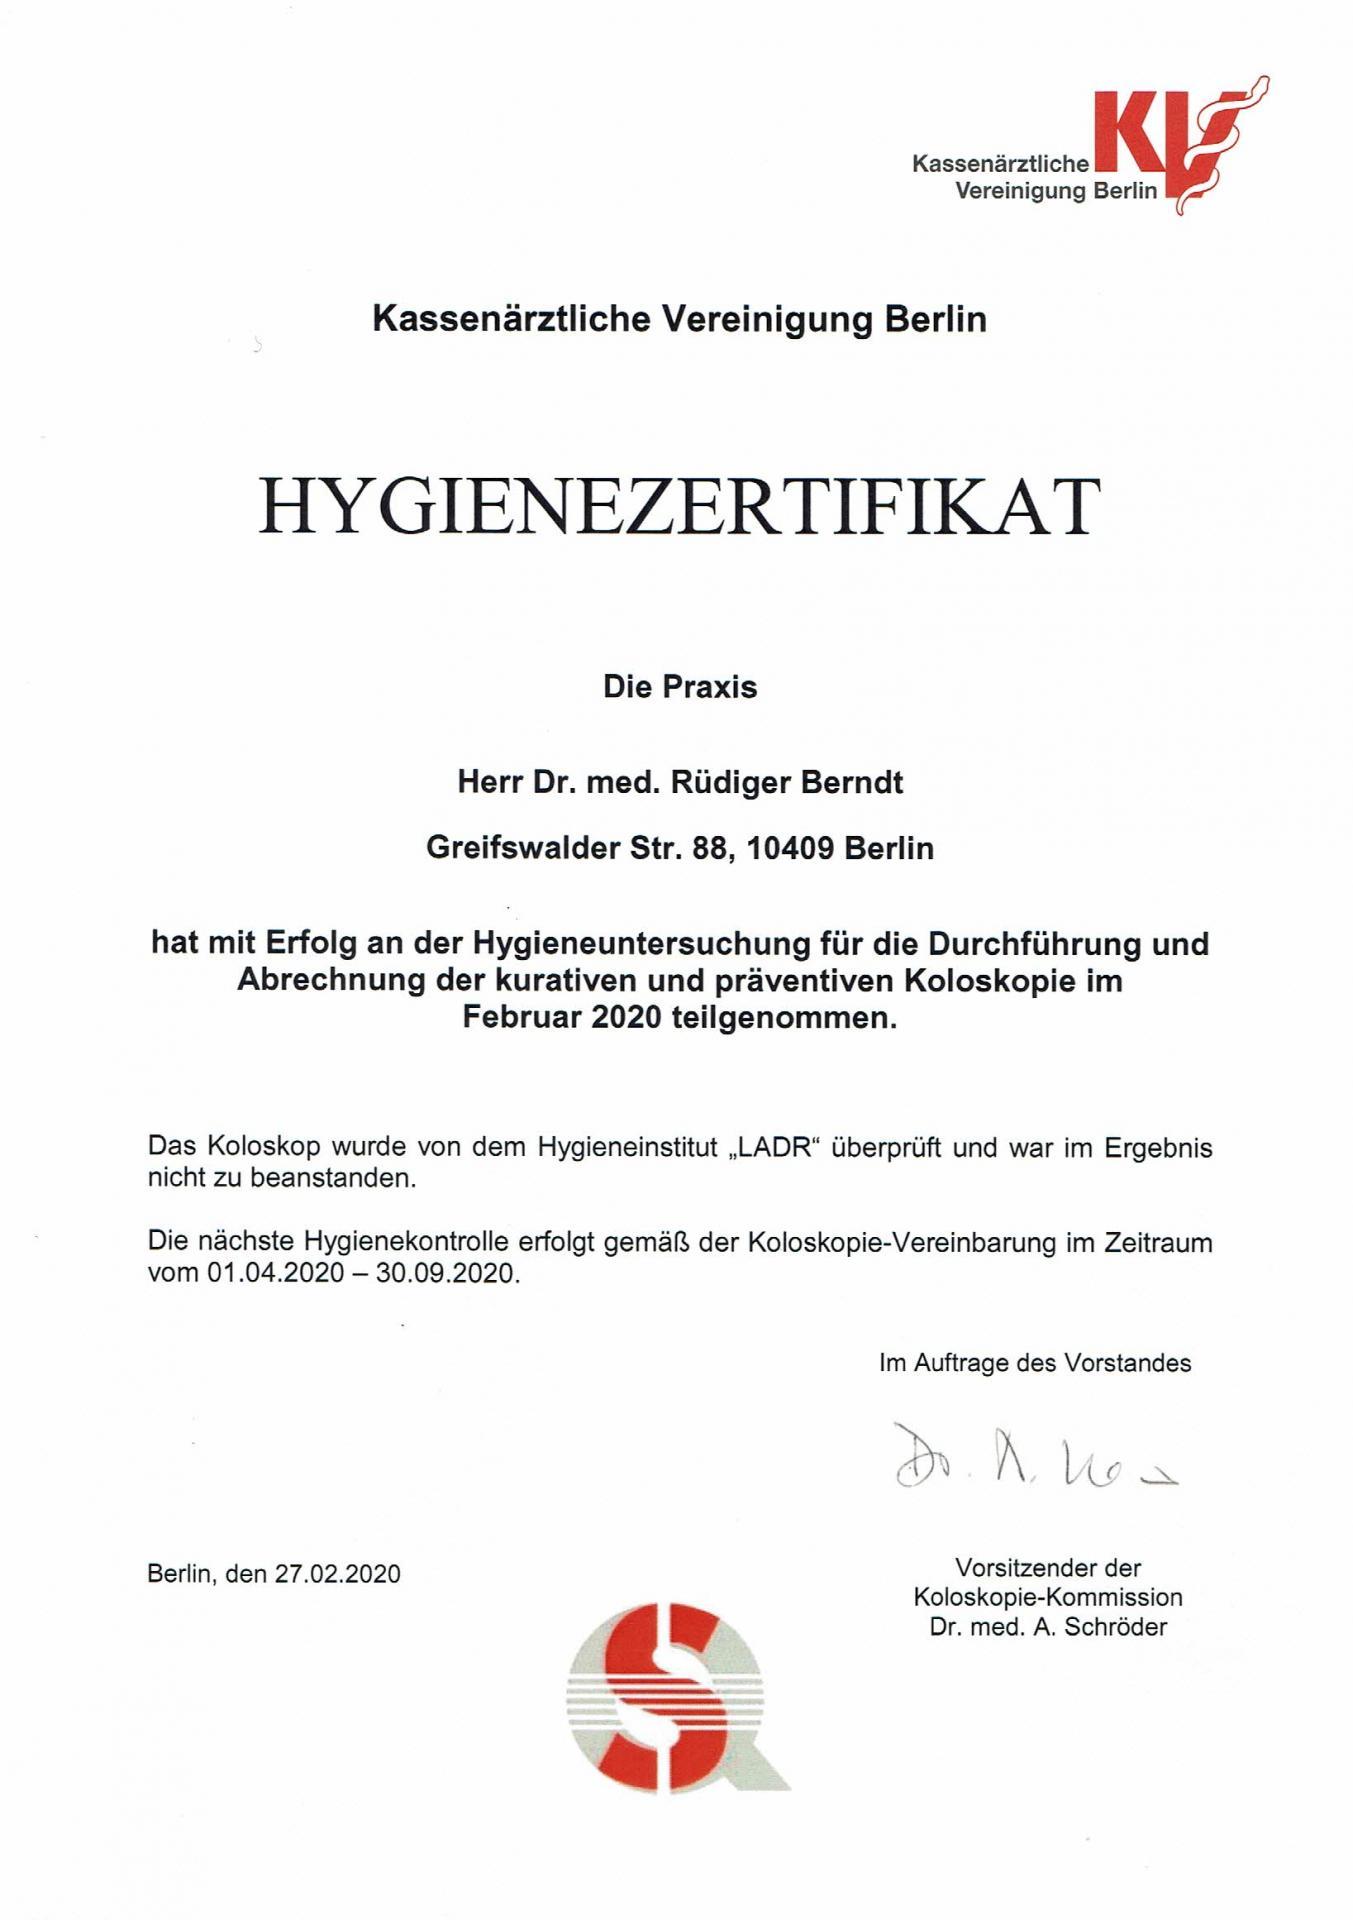 Hygiene-Zertifikat 03/20 - 10/20